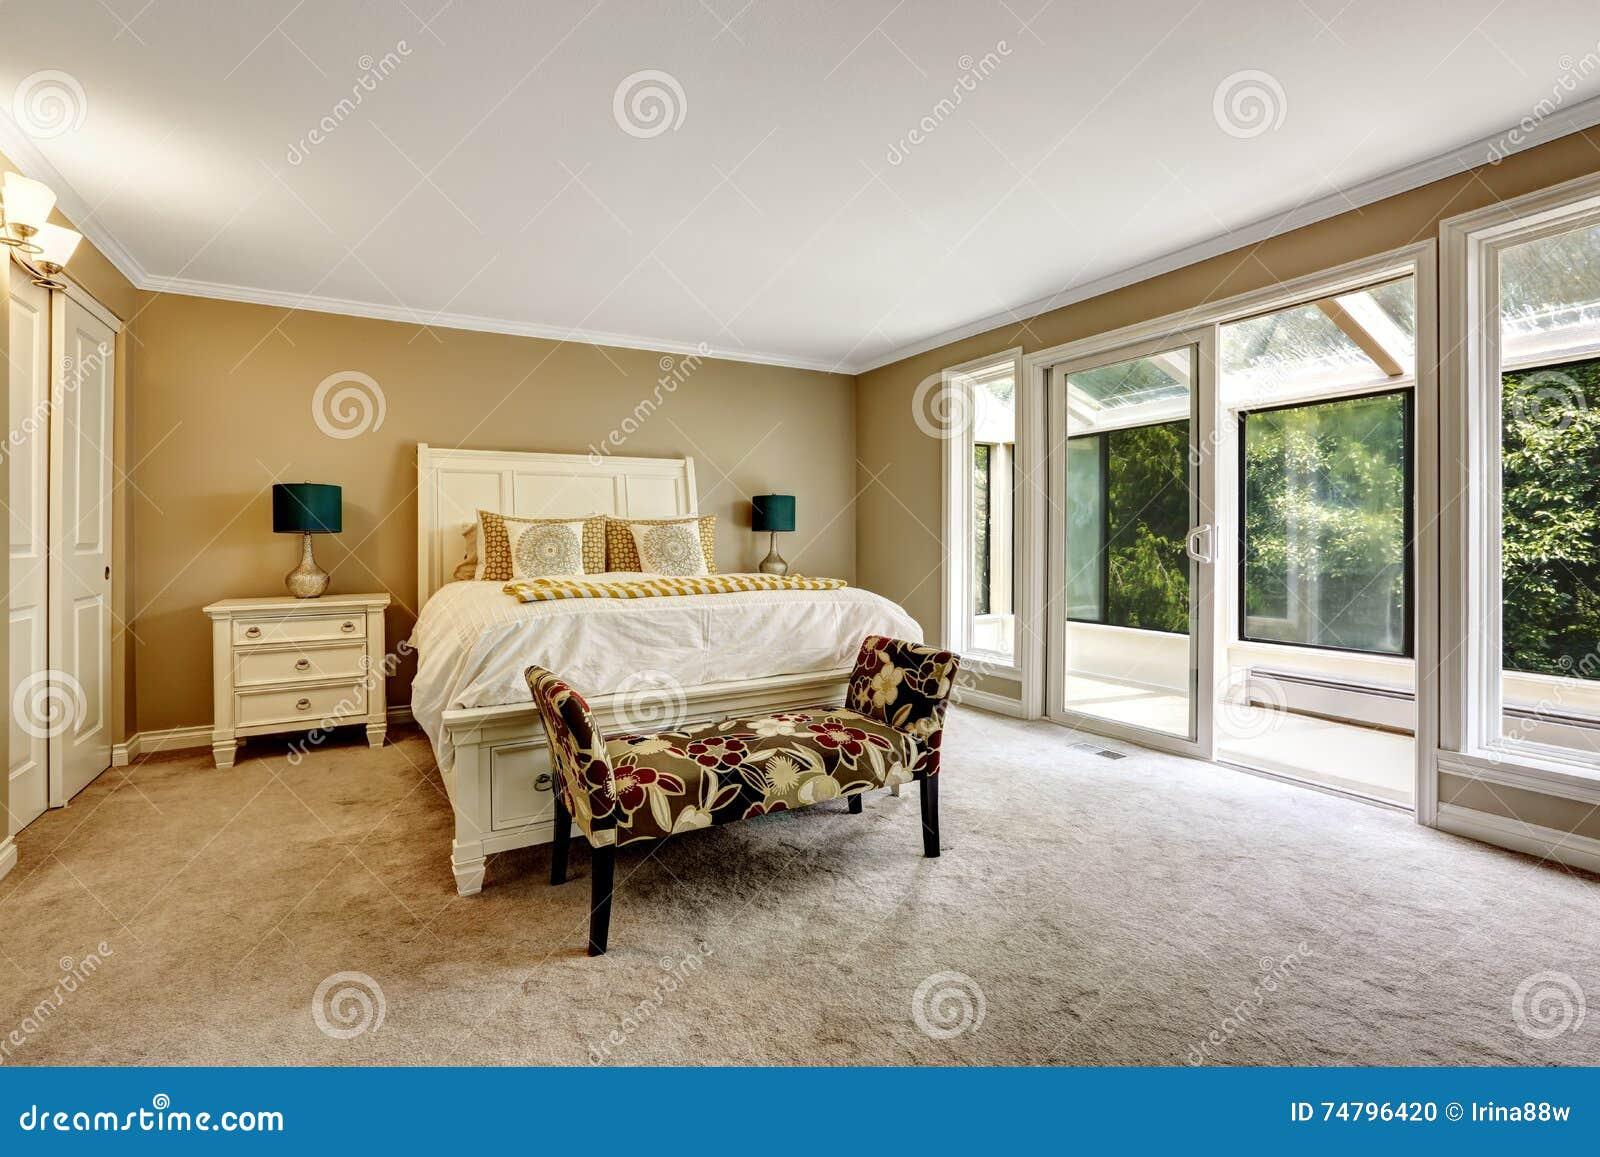 hoofdslaapkamer in amerikaanse stijl met wit tweepersoonsbed stock, Meubels Ideeën